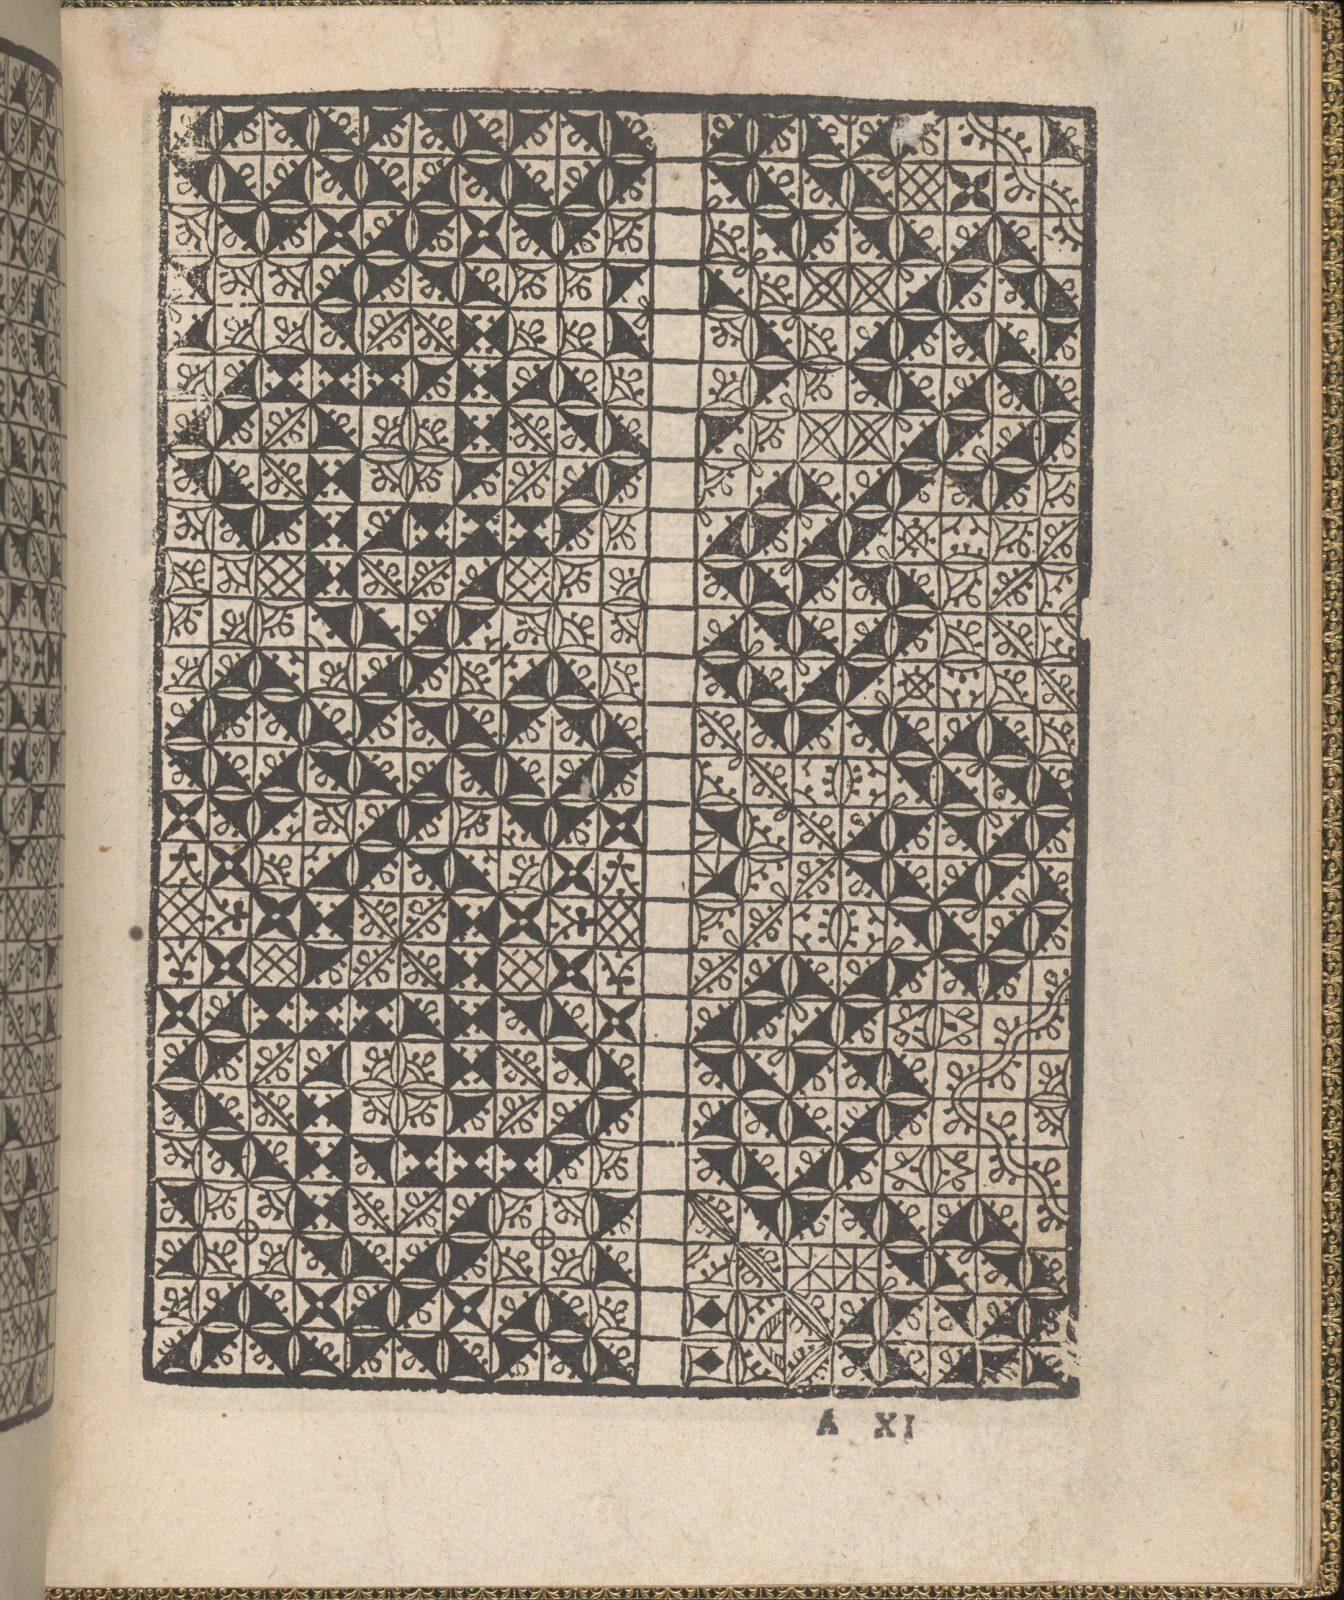 Giardineto novo di punti tagliati et gropposi per exercitio & ornamento delle donne (Venice 1554), page 6 (verso)